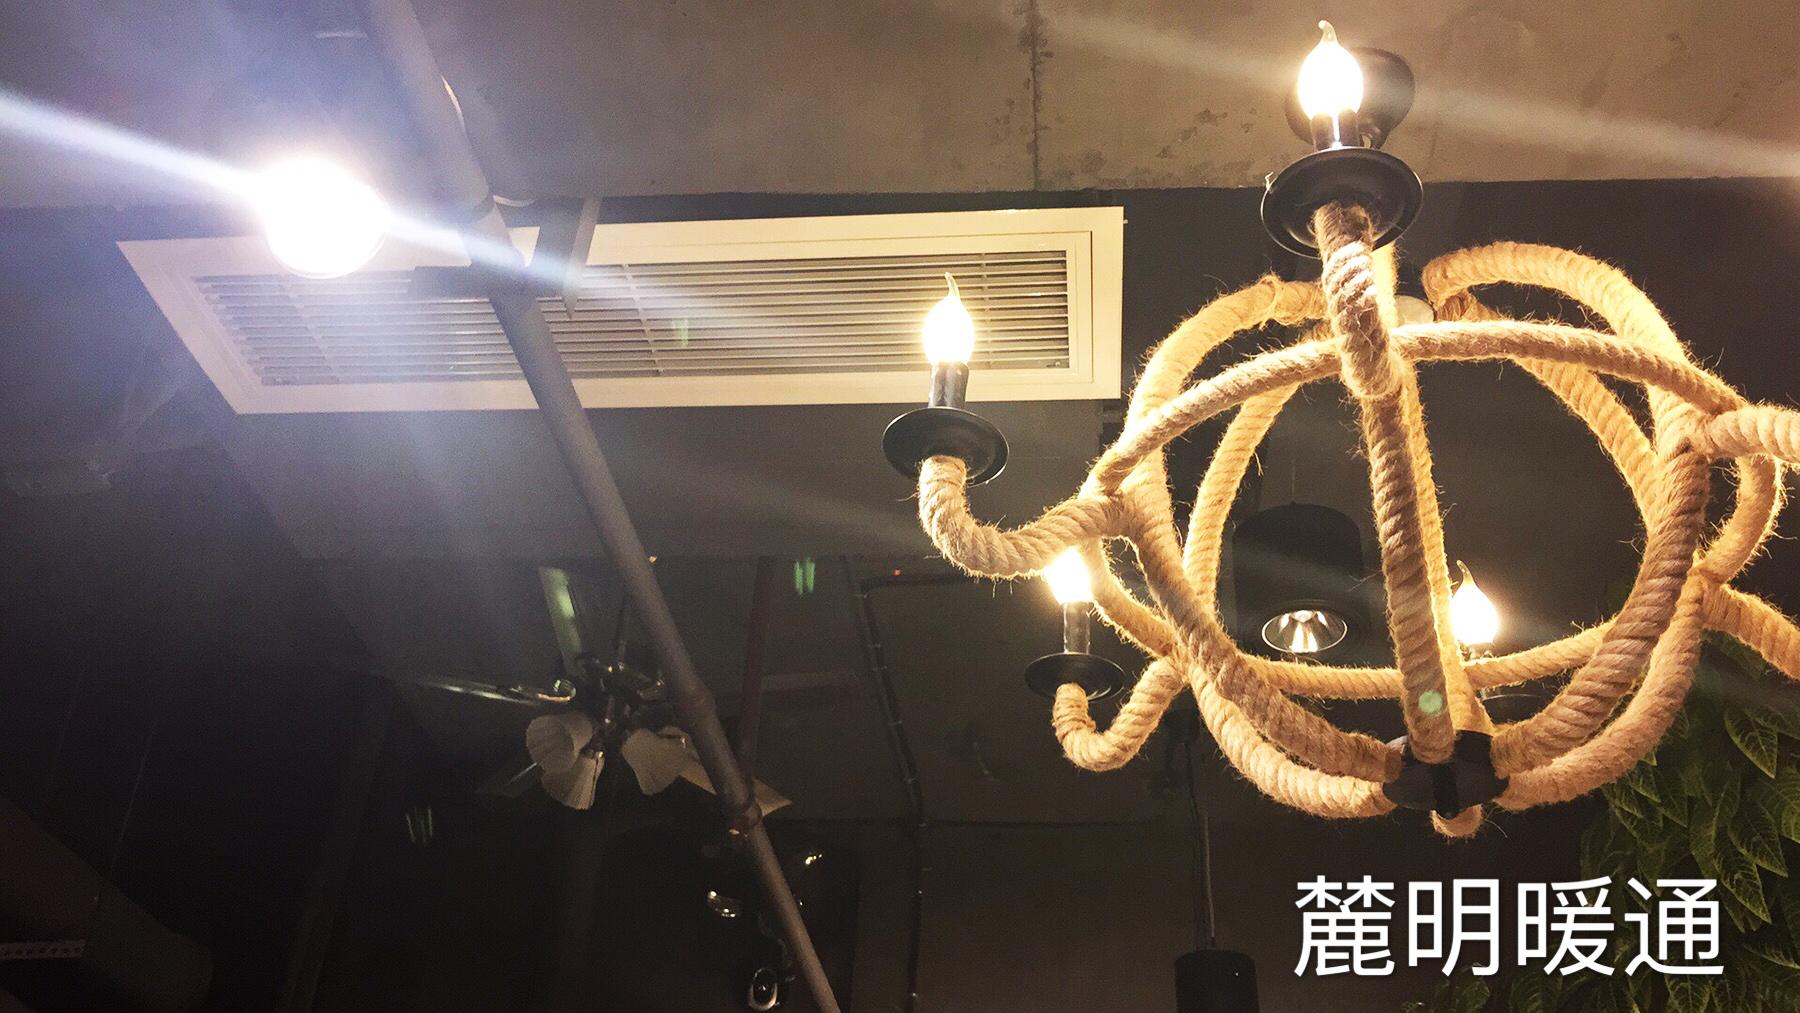 快乐筱湘餐饮店中央空调